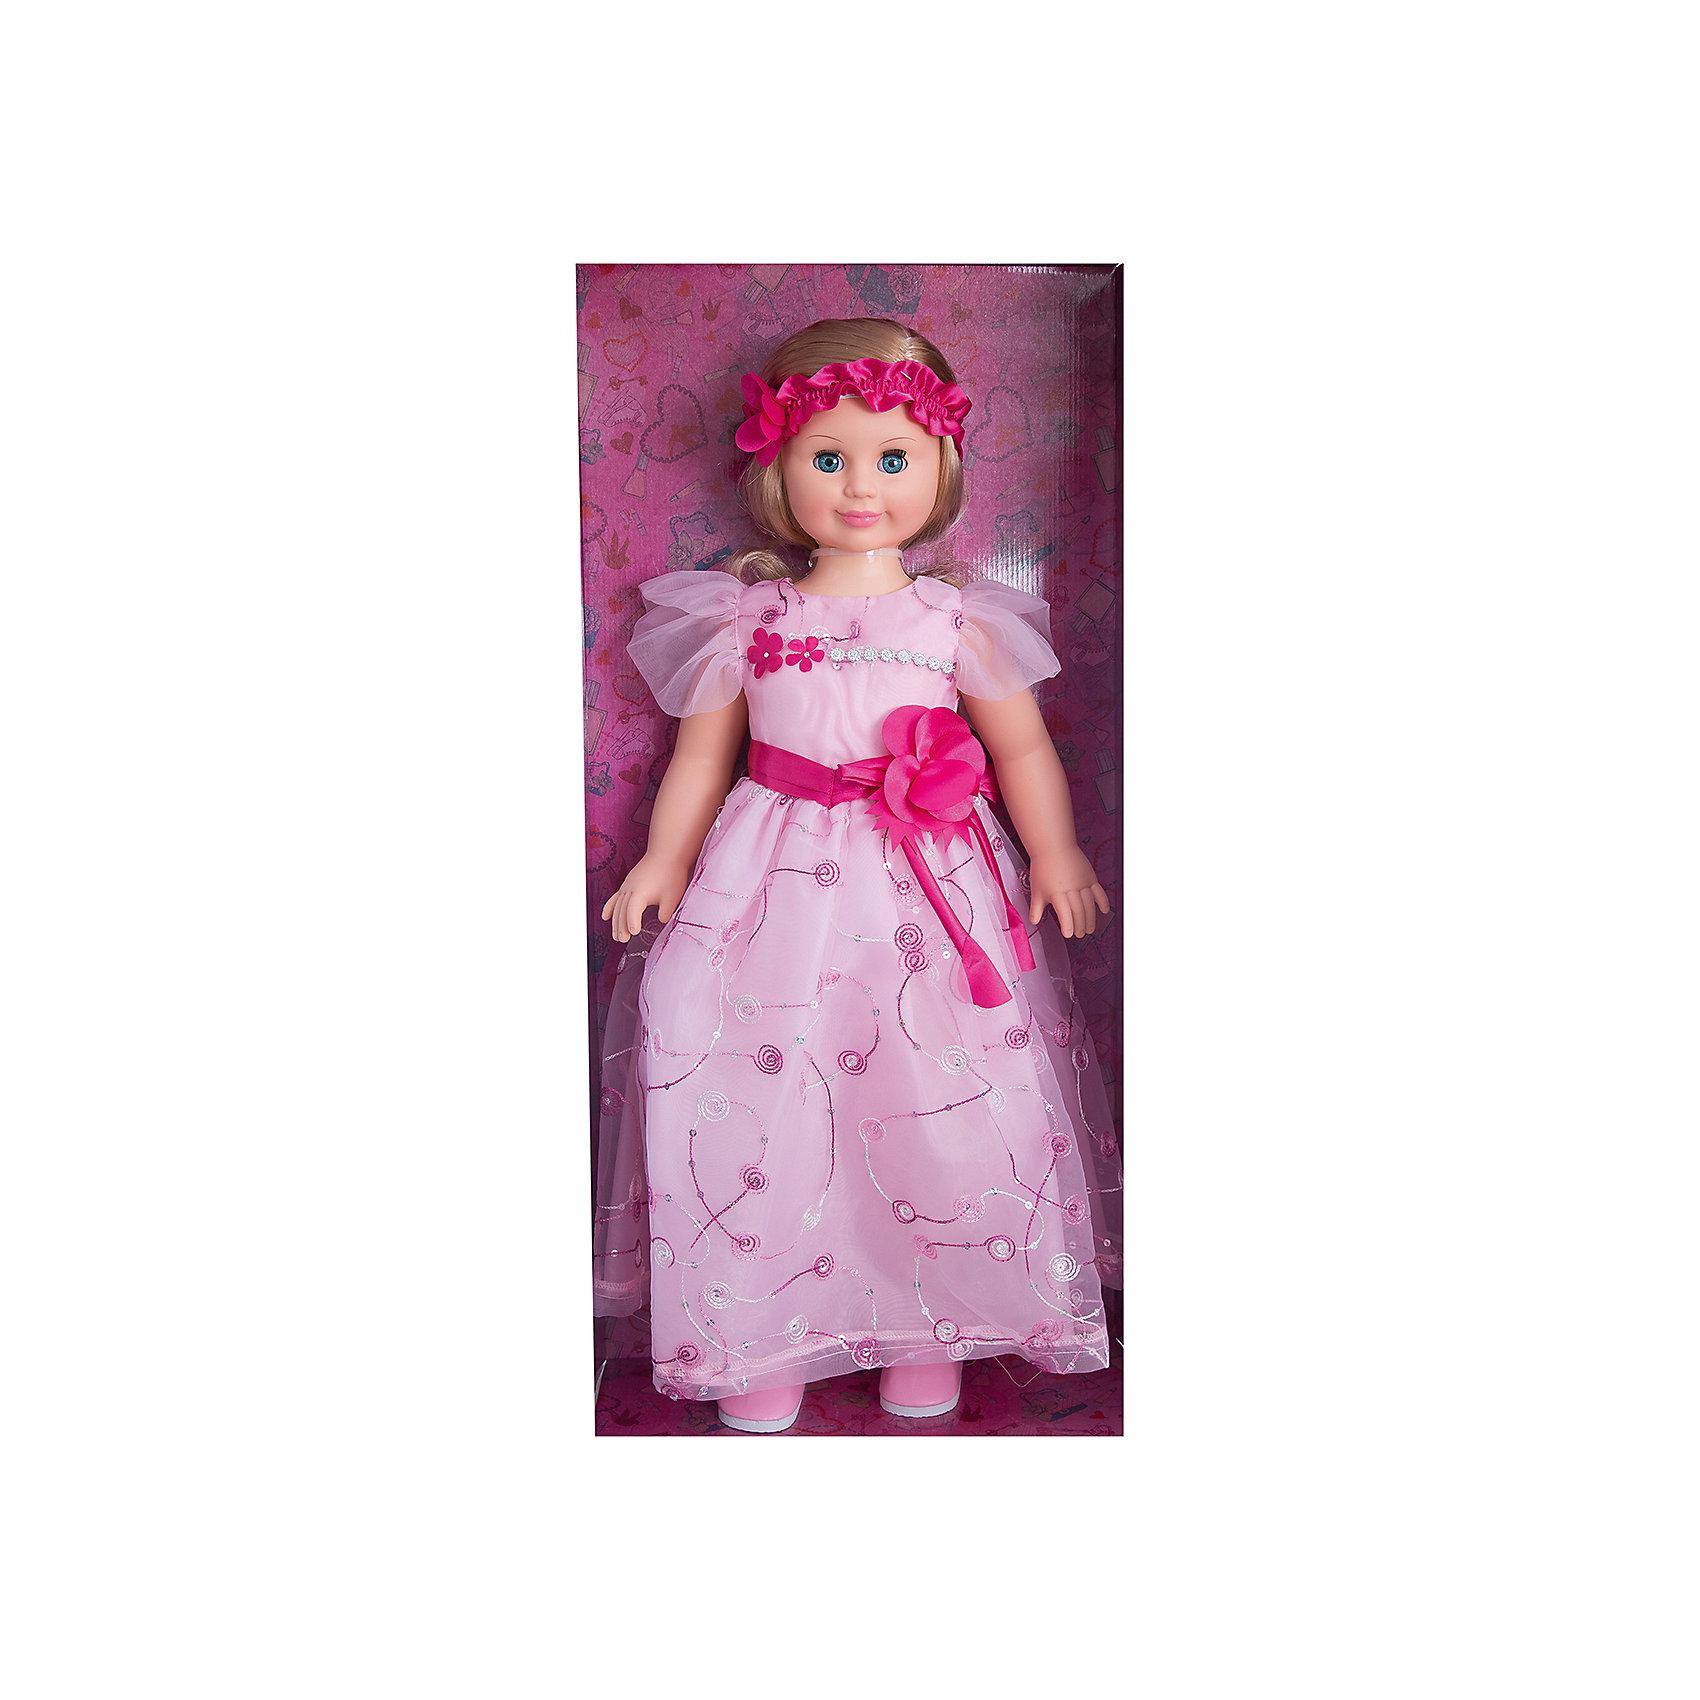 Кукла Милана 7, со звуком, 70 см, ВеснаИнтерактивные куклы<br>Очень красивая большая кукла от отечественного производителя способна не просто помочь ребенку весело проводить время, но и научить девочку одеваться со вкусом. На ней - нарядное платье и туфли, всё можно снимать и надевать. Это отличный подарок девочке!<br>Кукла произносит несколько фраз, механизм работает от батареек. Очень красиво смотрятся пышные волосы, на которых можно делать прически. Сделана игрушка из качественных и безопасных для ребенка материалов. Такая кукла поможет ребенку освоить механизмы социальных взаимодействий, развить моторику и воображение. Также куклы помогают девочкам научиться заботиться о других. <br><br>Дополнительная информация:<br><br>- материал: пластмасса;<br>- волосы: прошивные;<br>- открывающиеся глаза;<br>- звуковой модуль;<br>- снимающаяся одежда и обувь;<br>- высота: 70 см.<br><br>Комплектация:<br><br>- одежда;<br>- три батарейки СЦ 357.<br><br>Куклу Милана 7, со звуком, от марки Весна можно купить в нашем магазине.<br><br>Ширина мм: 380<br>Глубина мм: 170<br>Высота мм: 770<br>Вес г: 1428<br>Возраст от месяцев: 36<br>Возраст до месяцев: 1188<br>Пол: Женский<br>Возраст: Детский<br>SKU: 4701851